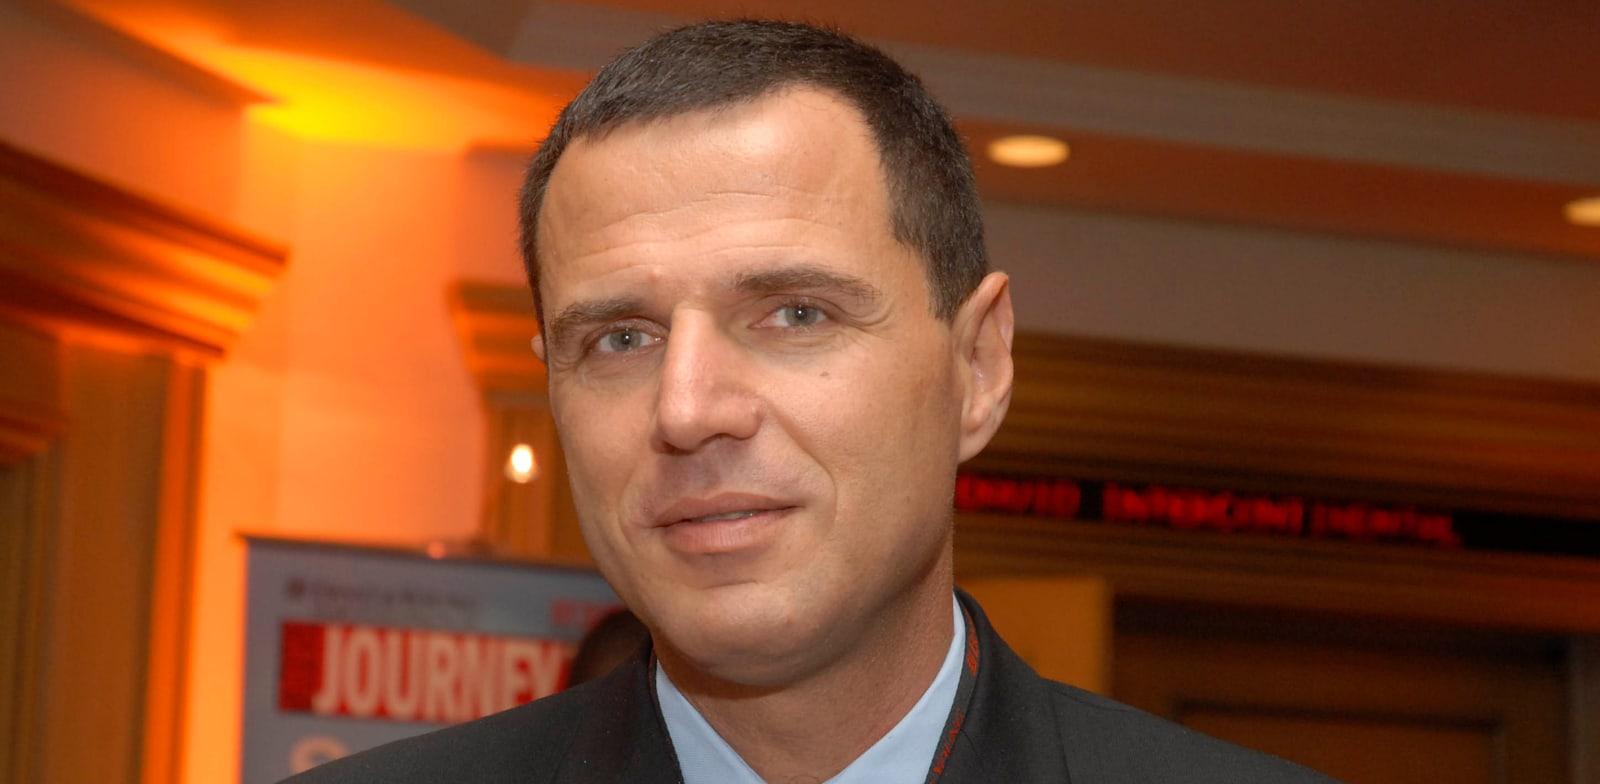 """רו""""ח רונן בראל, יו""""ר פירמת רואי החשבון EY ישראל / צילום: תמר מצפי"""